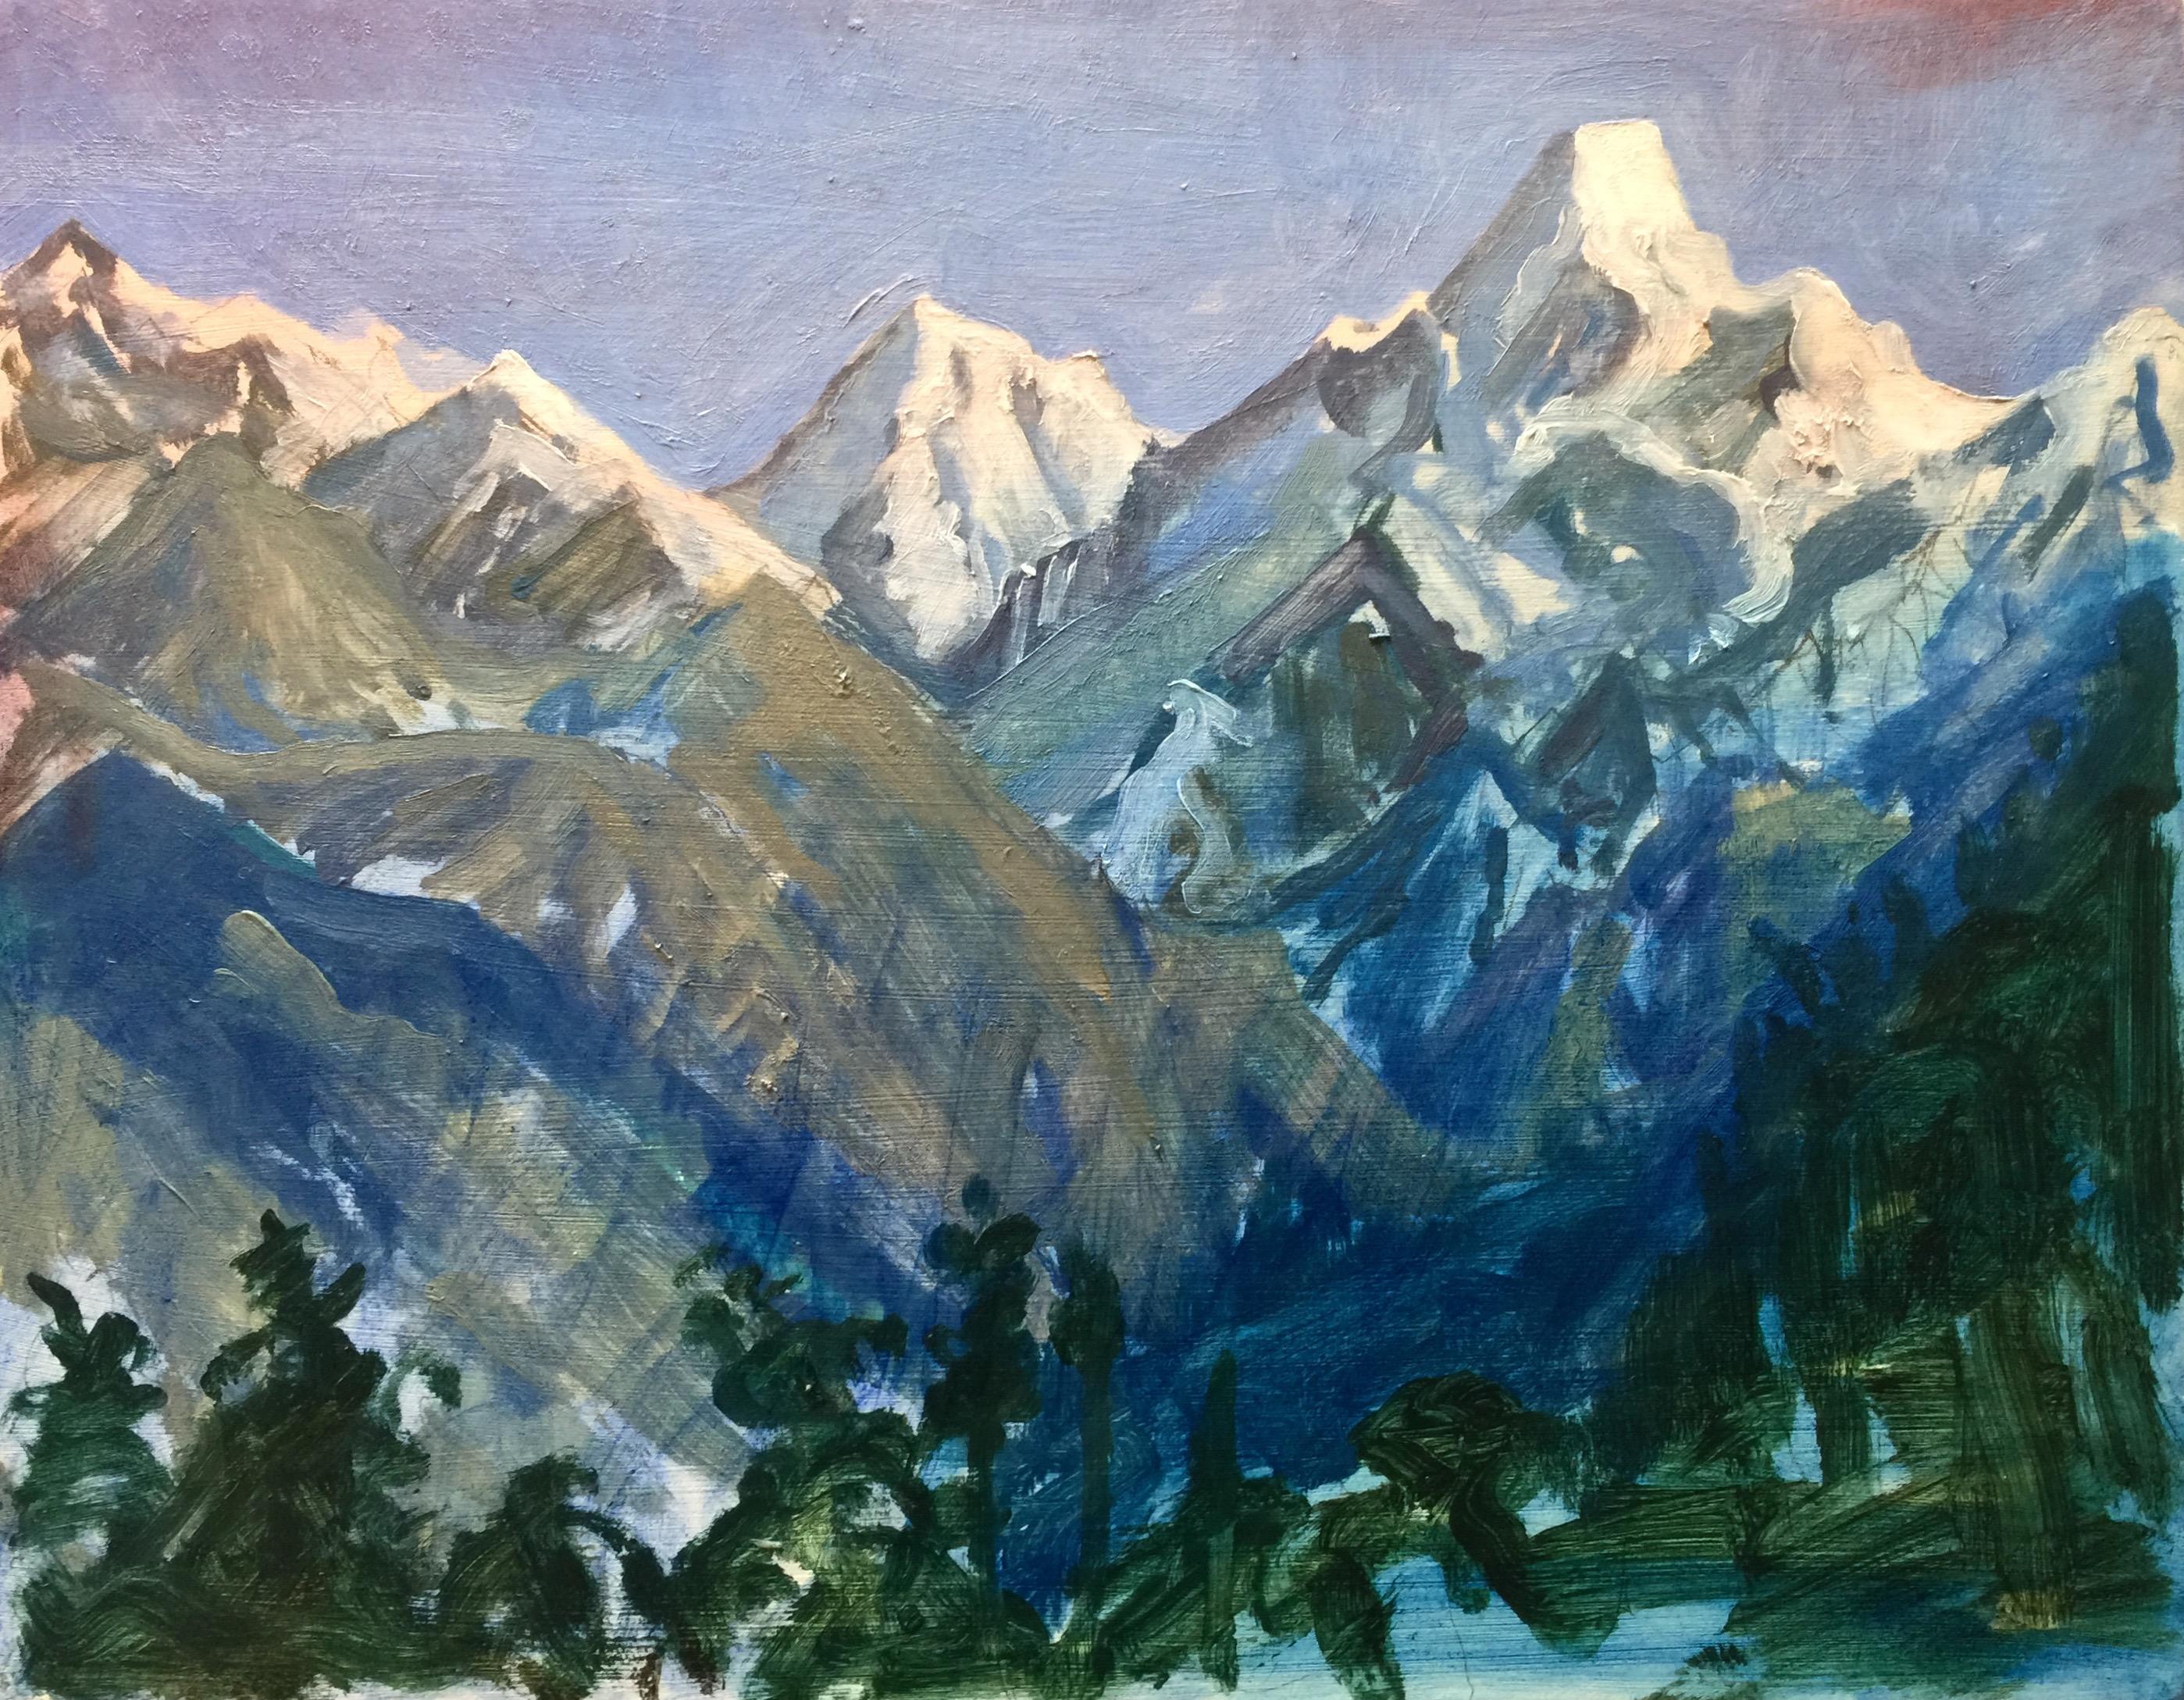 Tobit Roche: Himalayan Landscape No.4